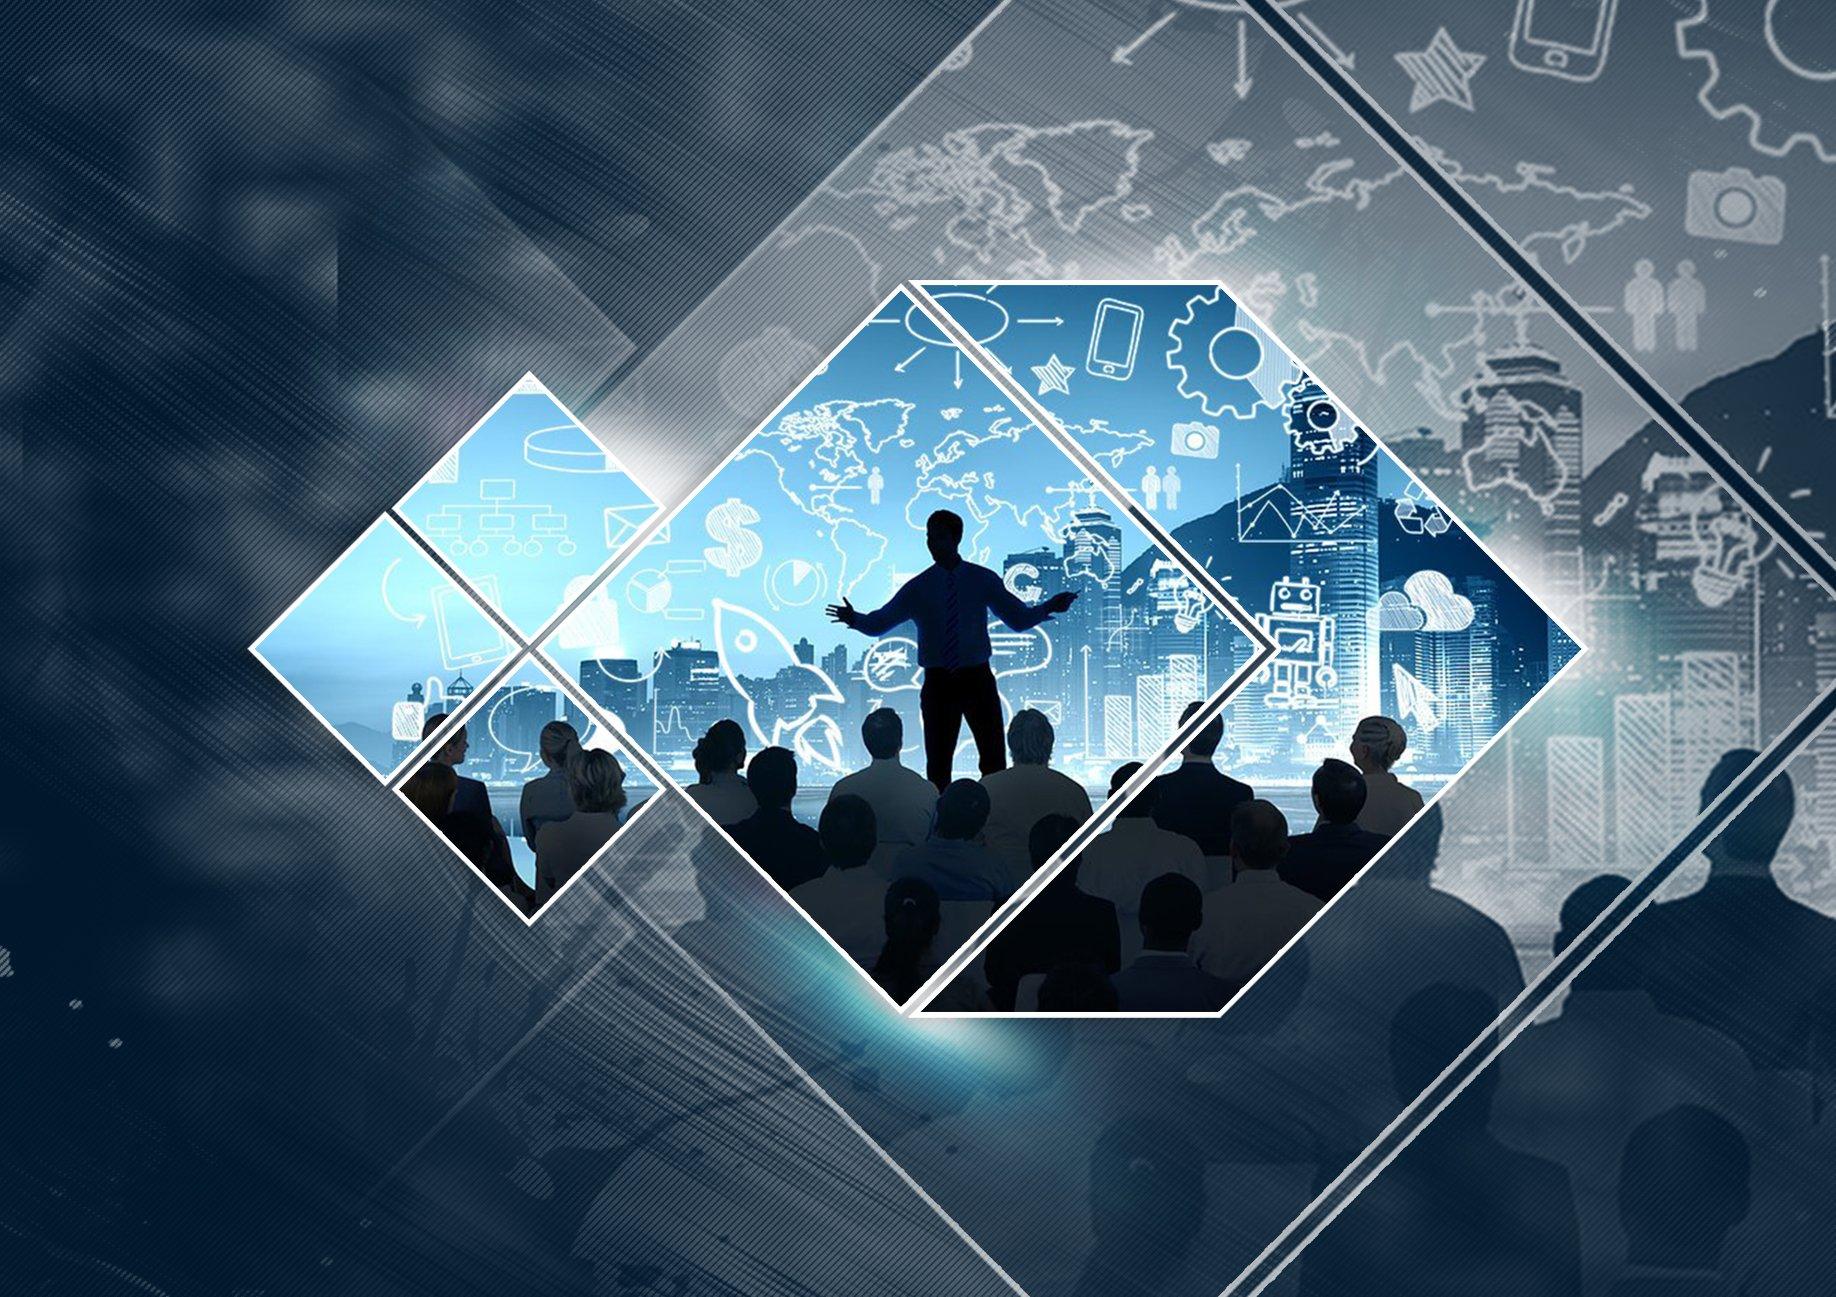 prezentacija-tovara-pokupatelju